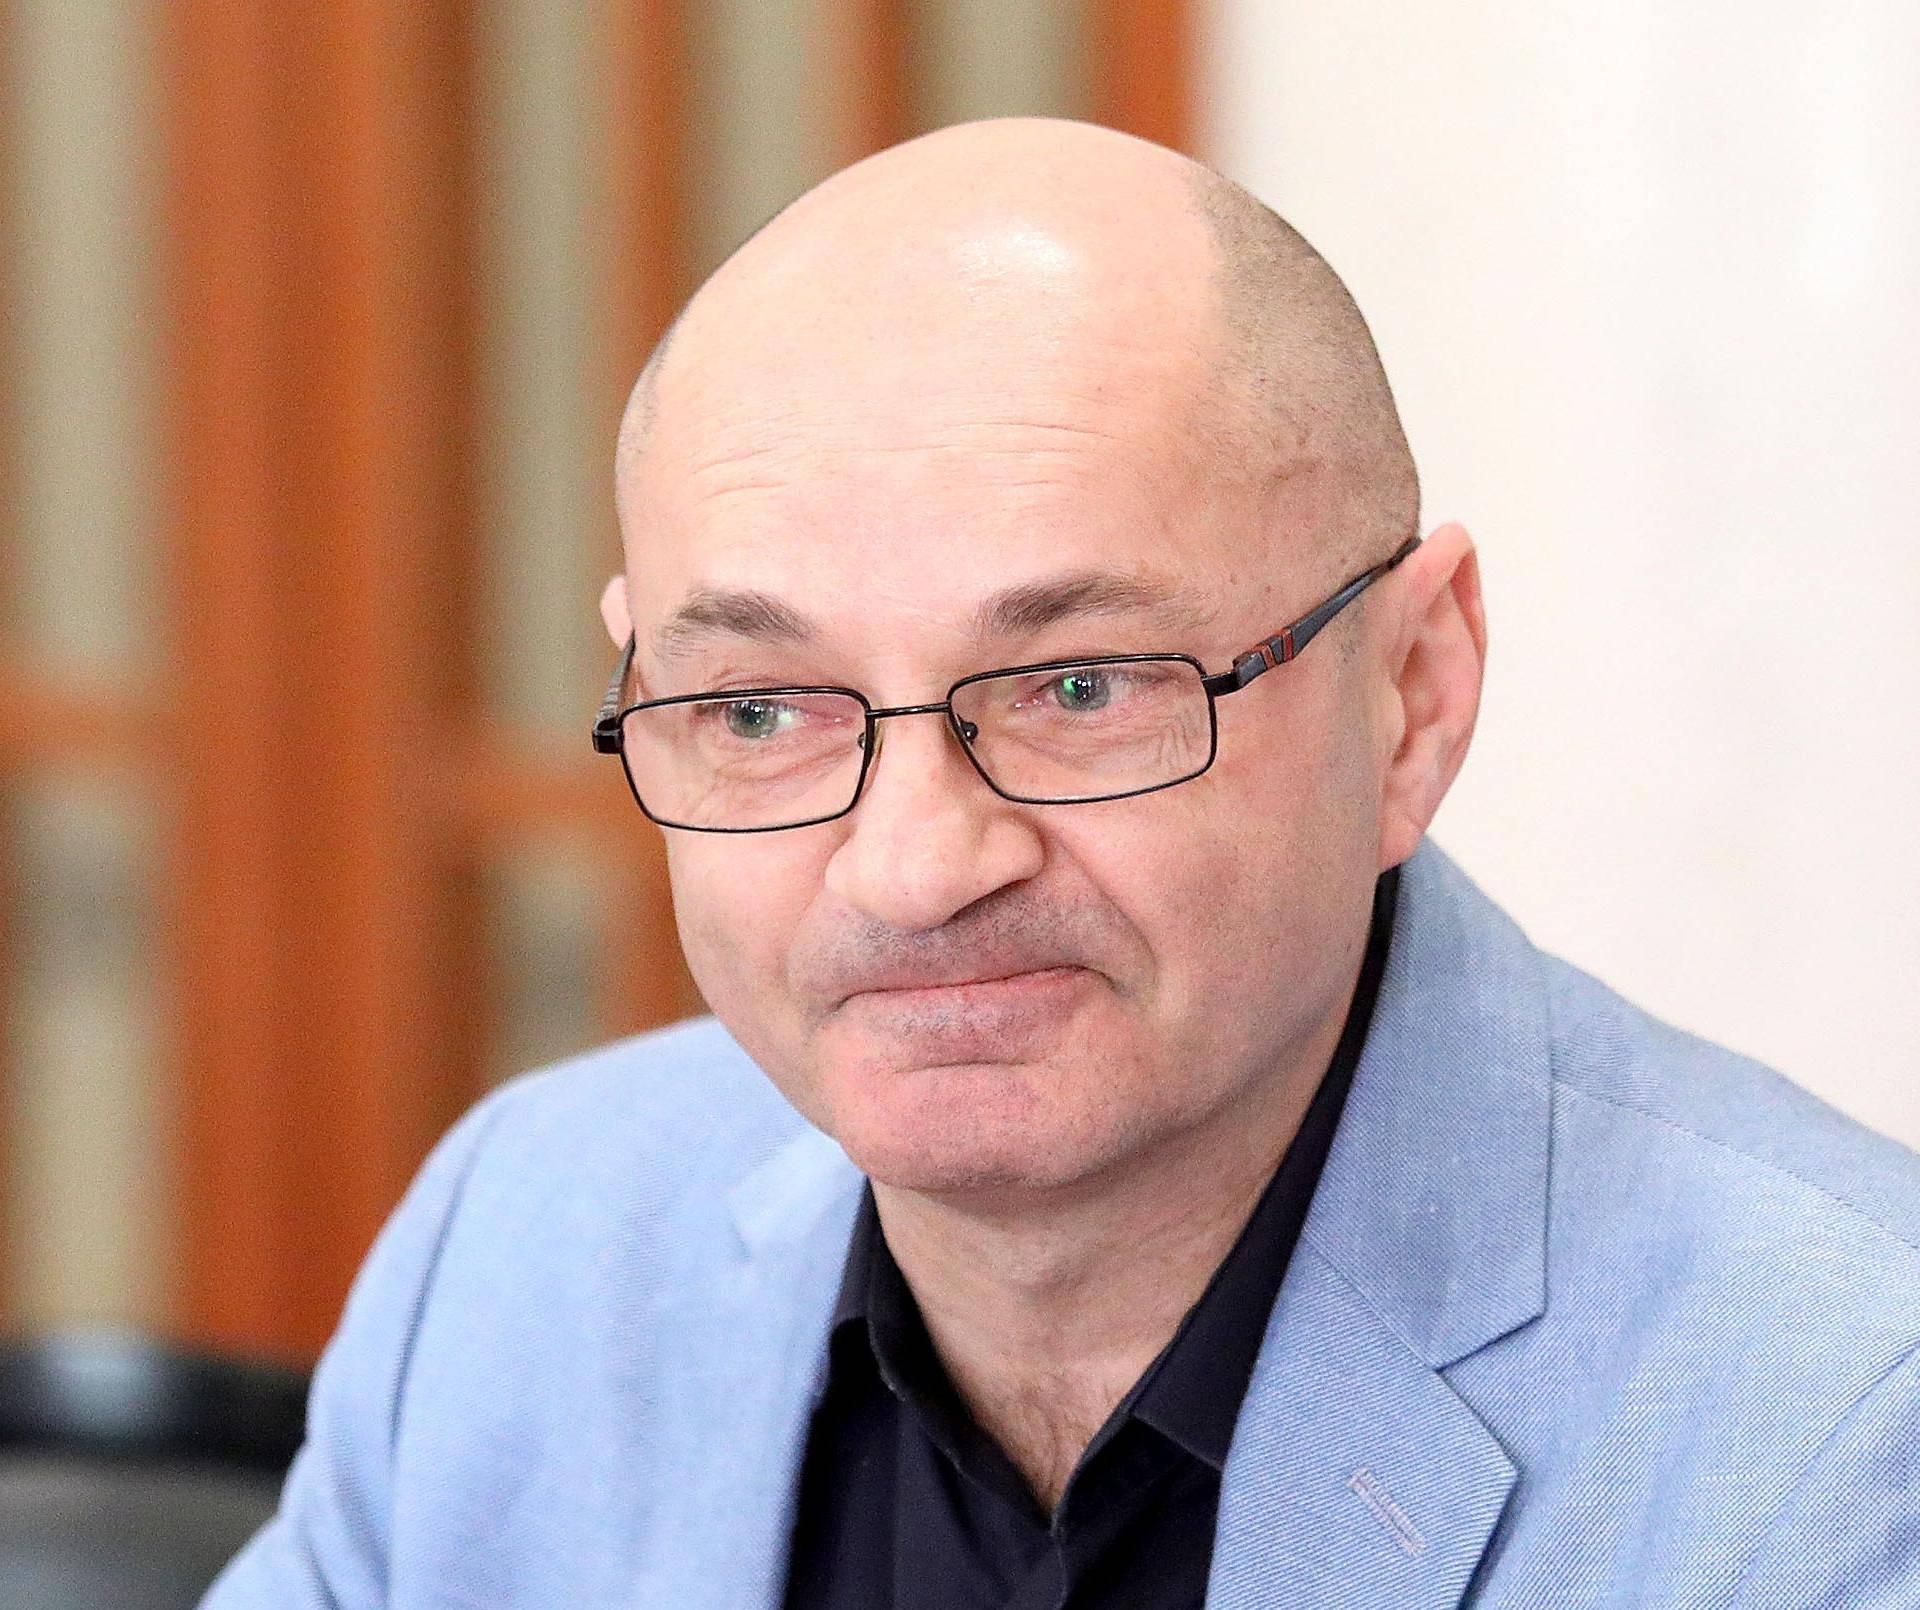 Pravna zbrka: Opet različita presuda za tužbu o francima